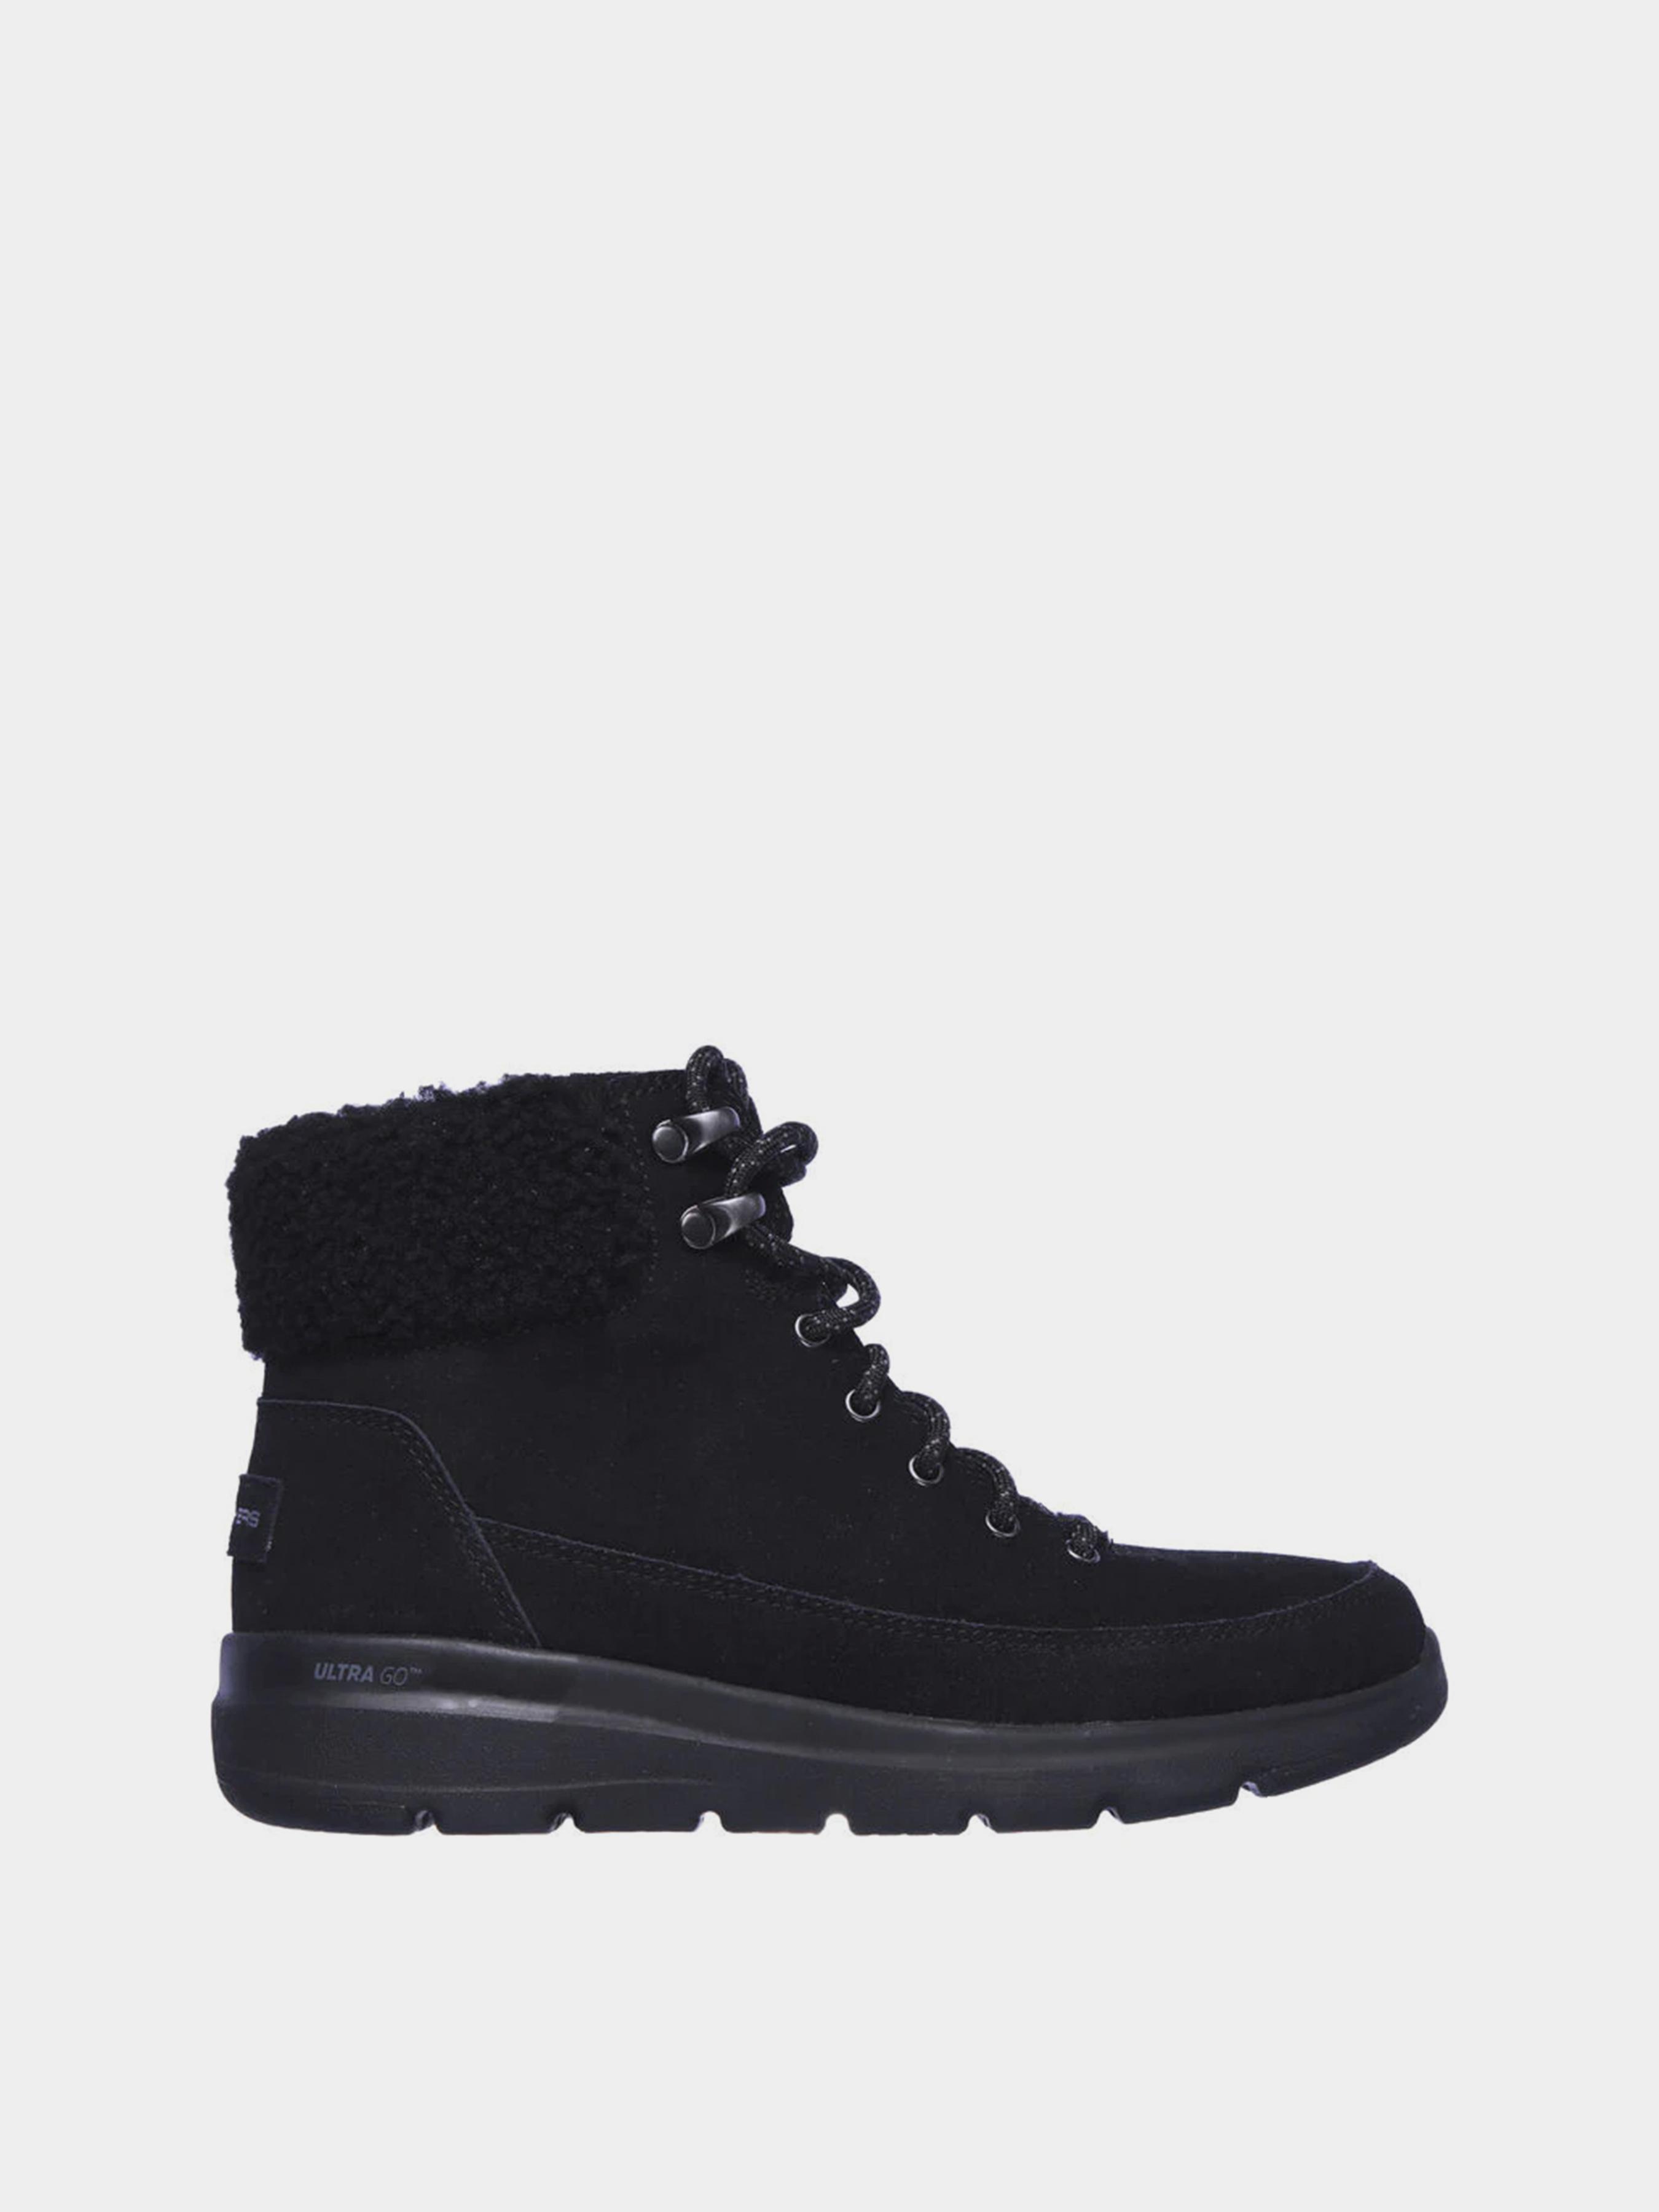 Ботинки для женщин Skechers KW5299 купить в Интертоп, 2017